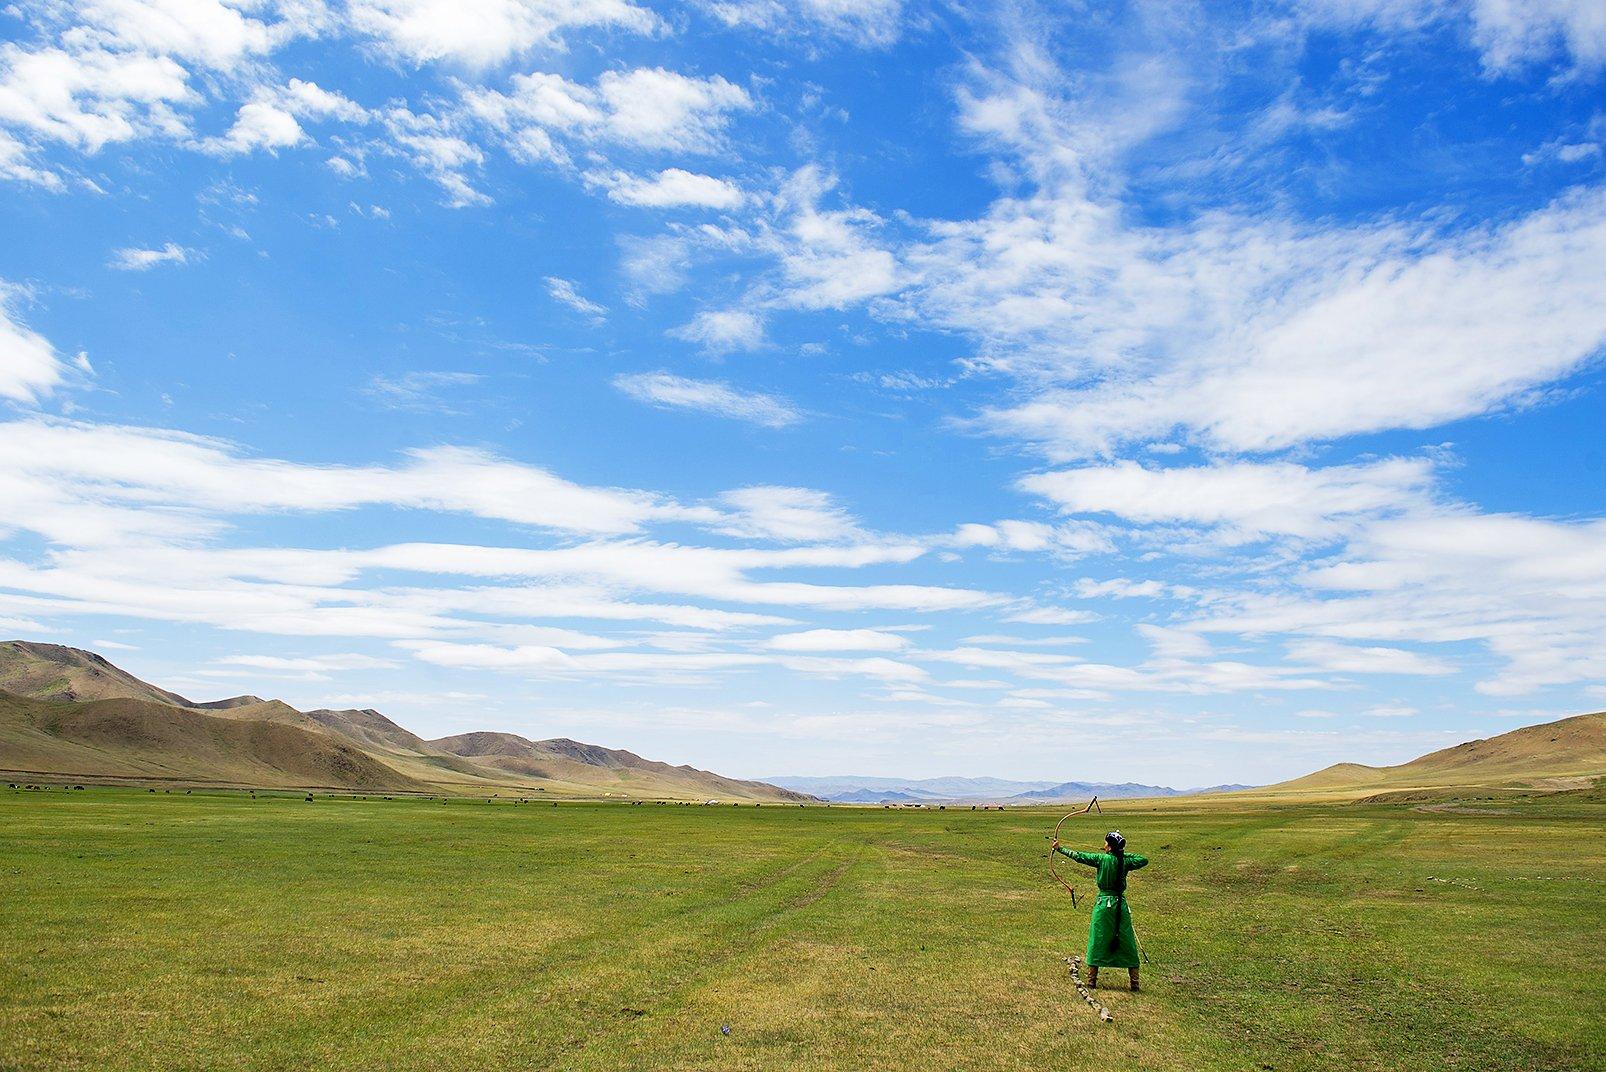 蒙古大草原(Getty Images)